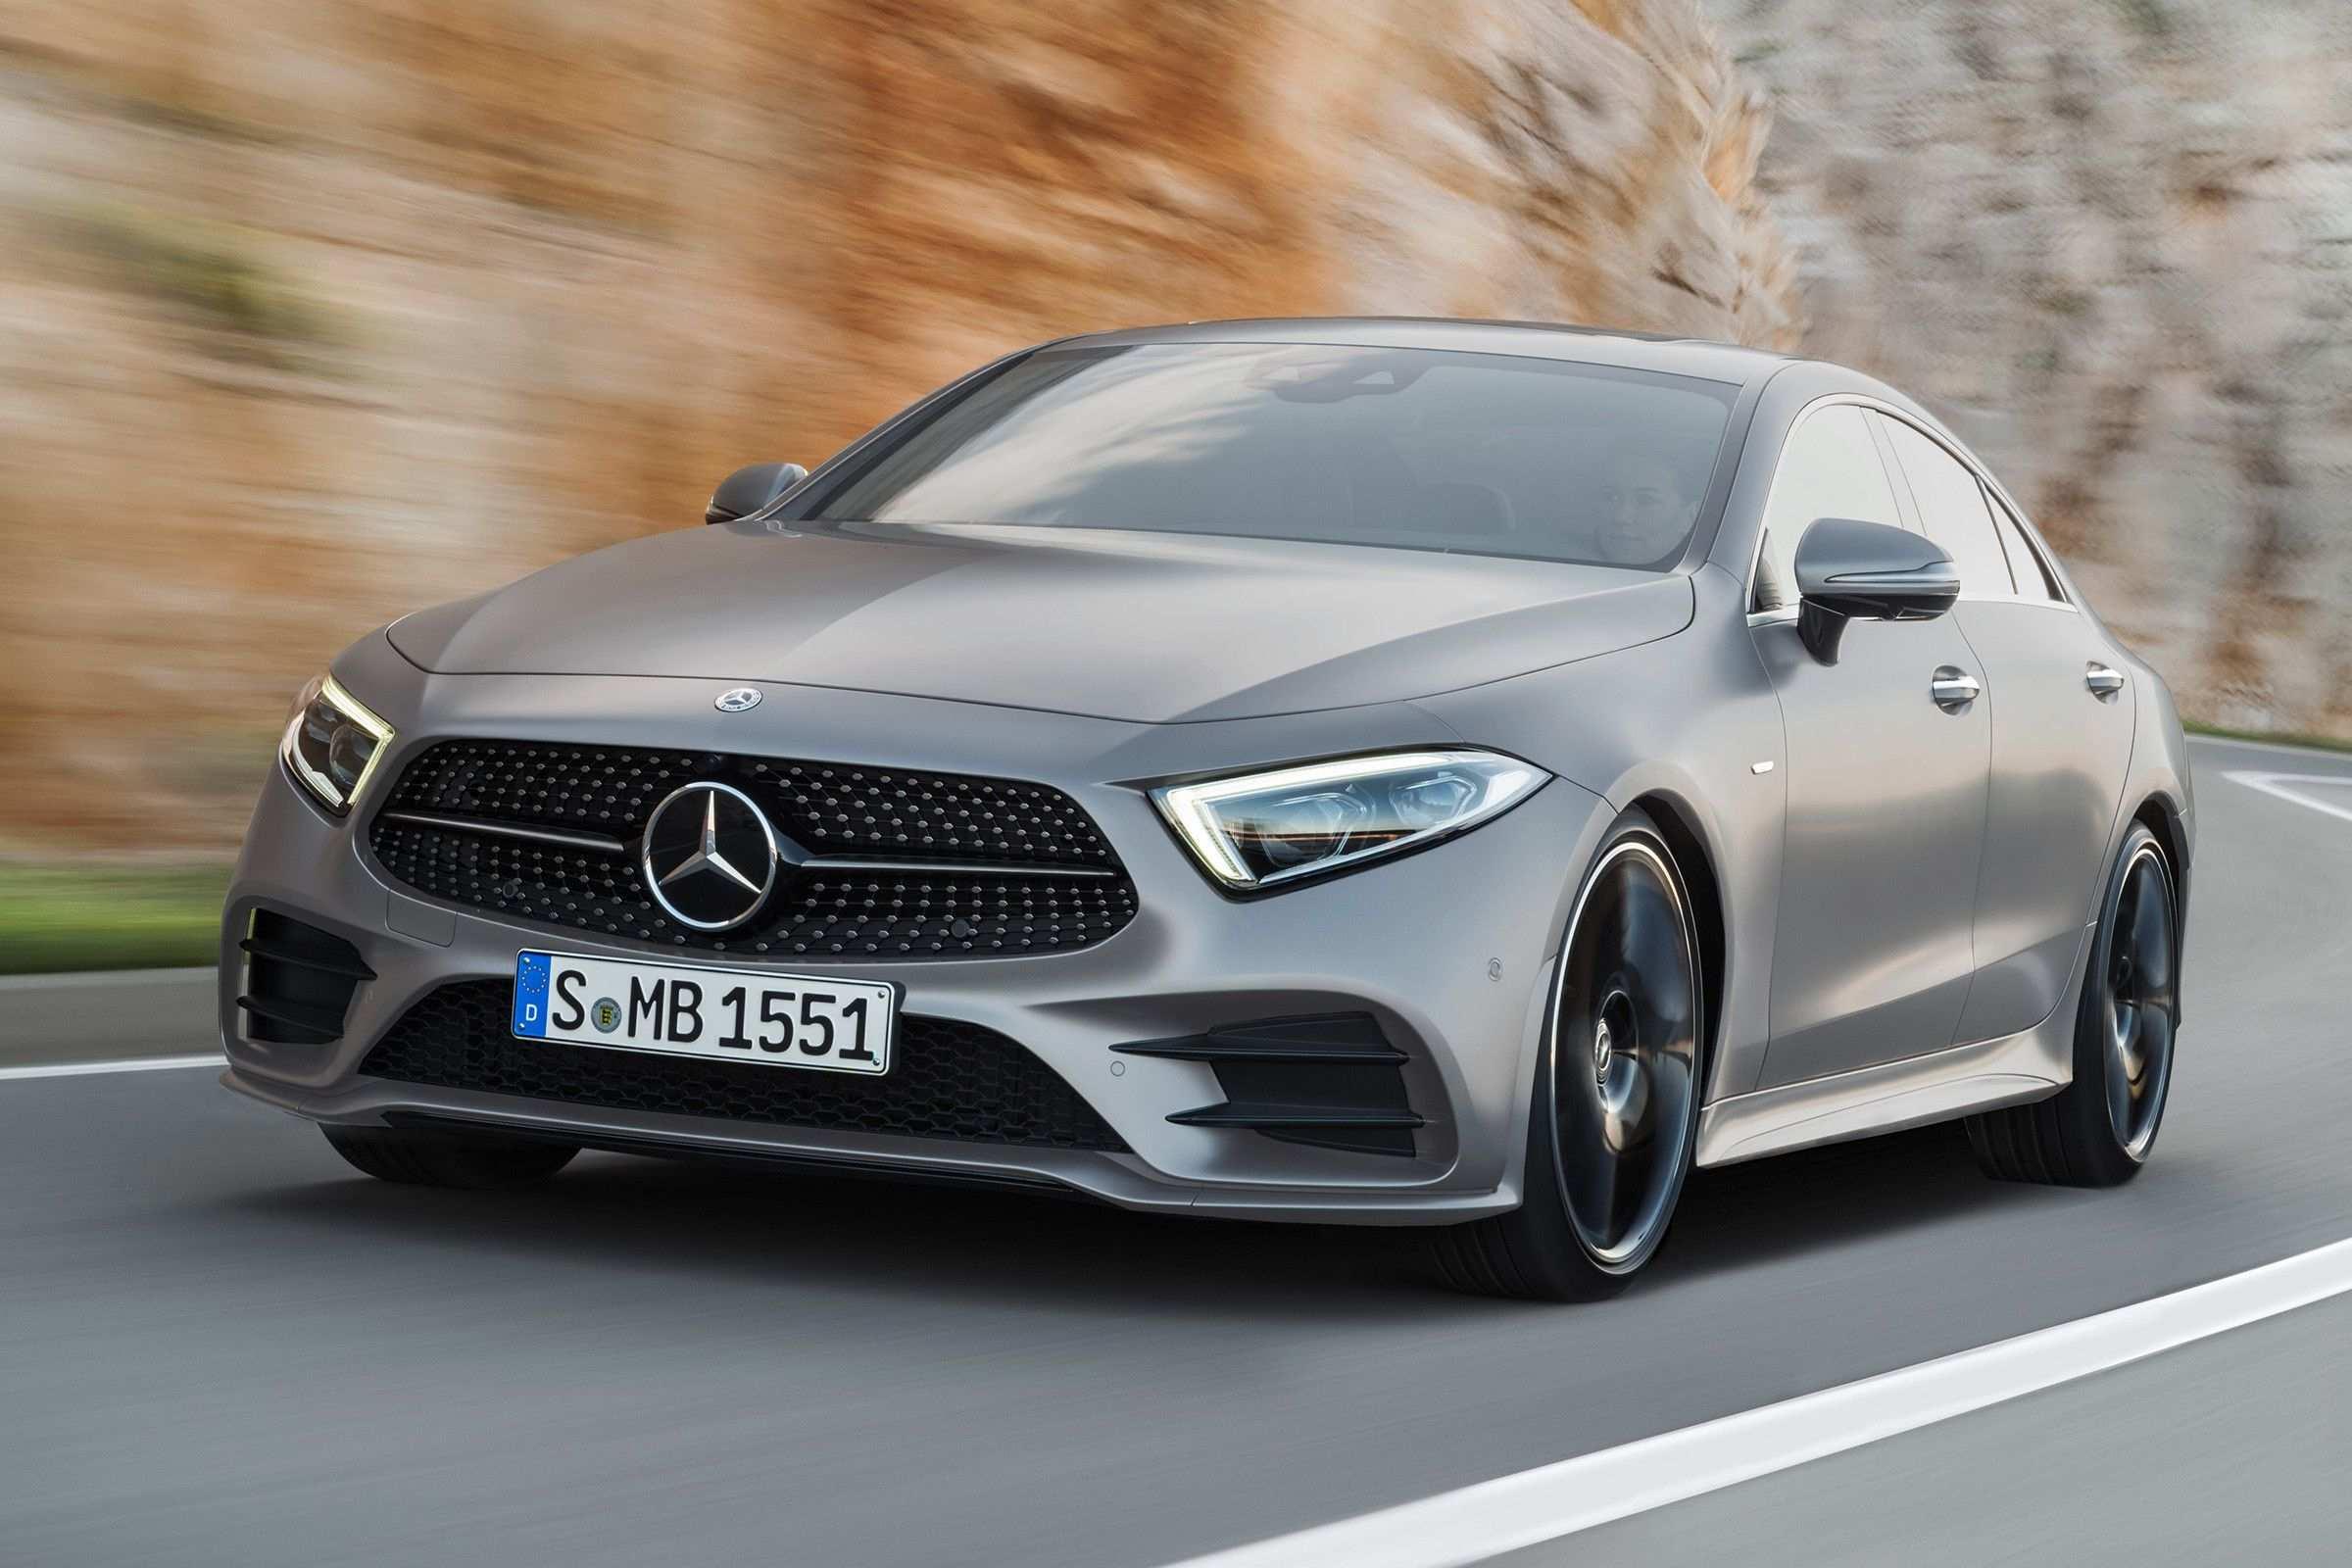 75 Gallery of Best Mercedes 2019 Precio Concept Redesign And Review Release by Best Mercedes 2019 Precio Concept Redesign And Review